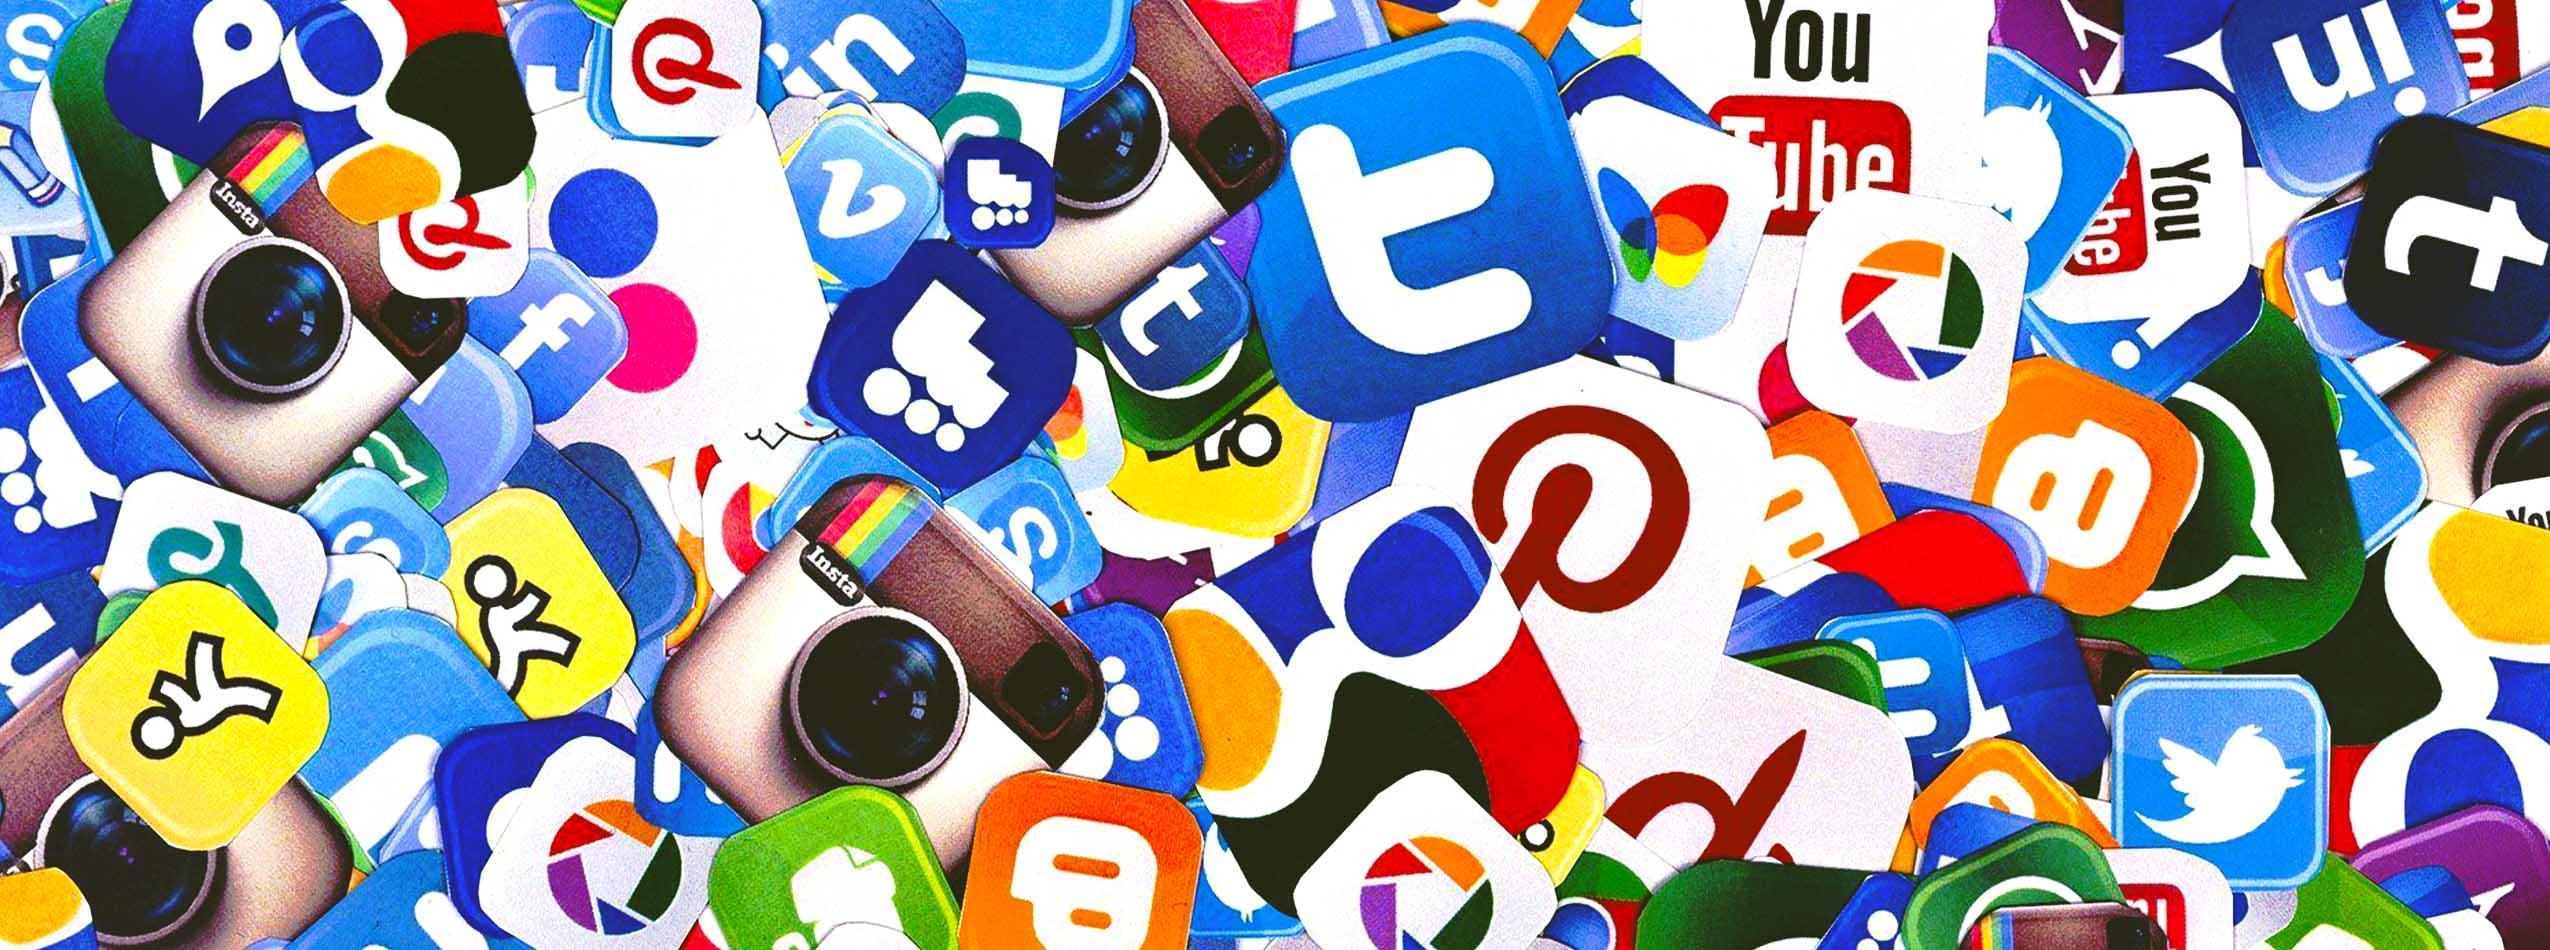 29 قانون شبکههای اجتماعی را بیاموزید